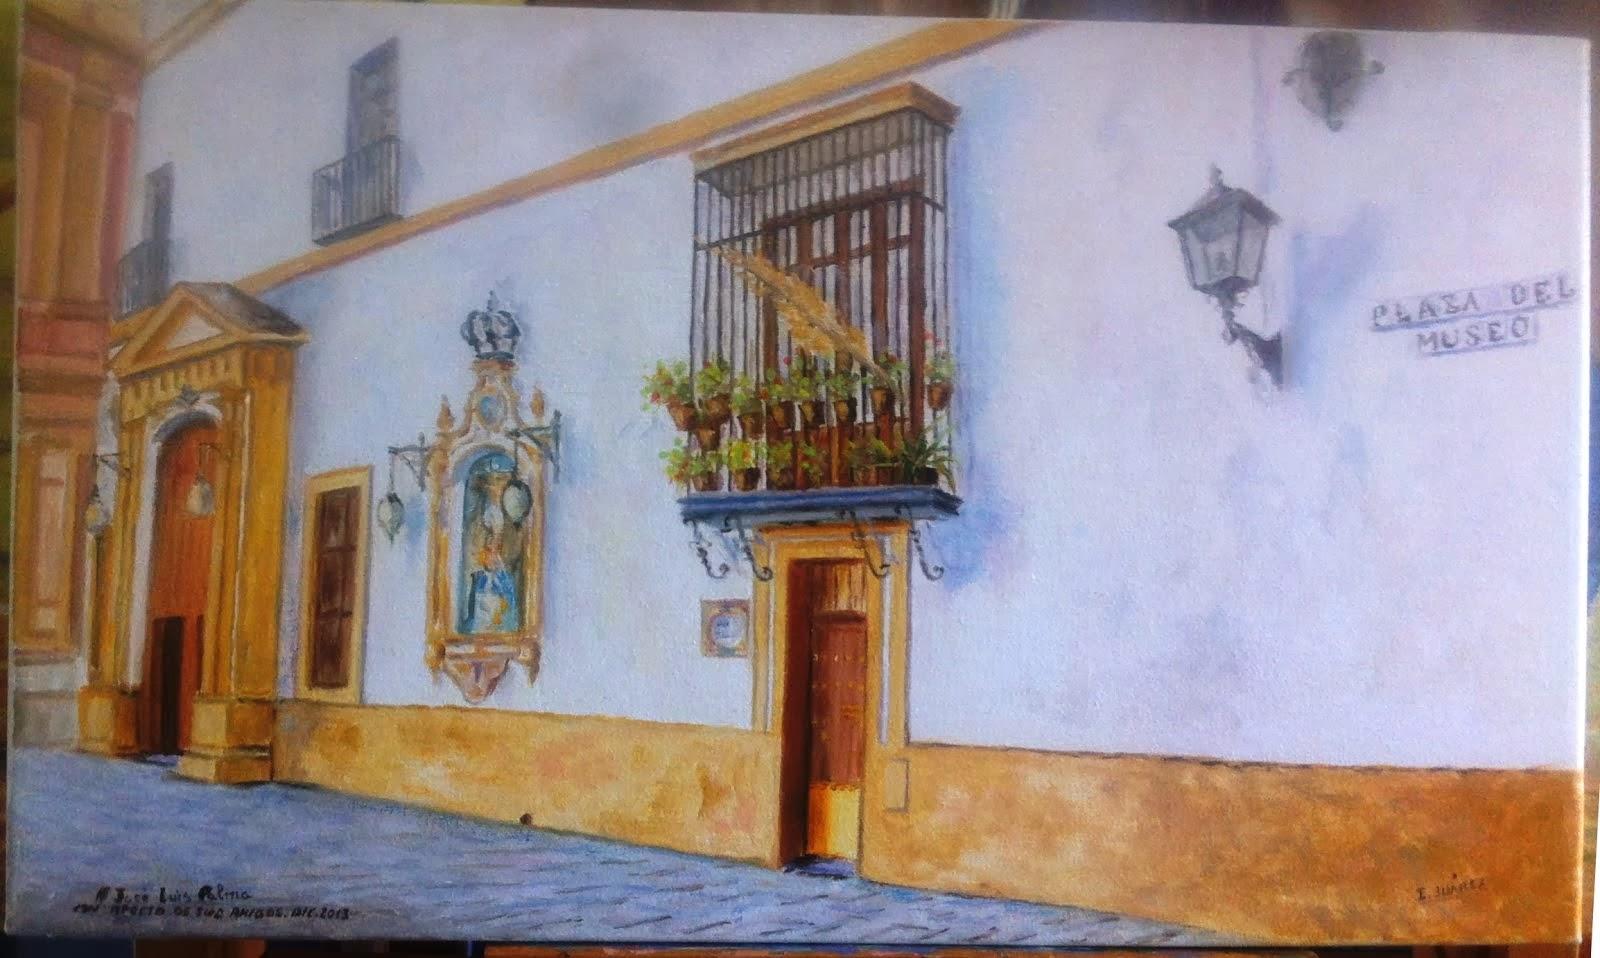 Sevilla. Iglesia del Museo